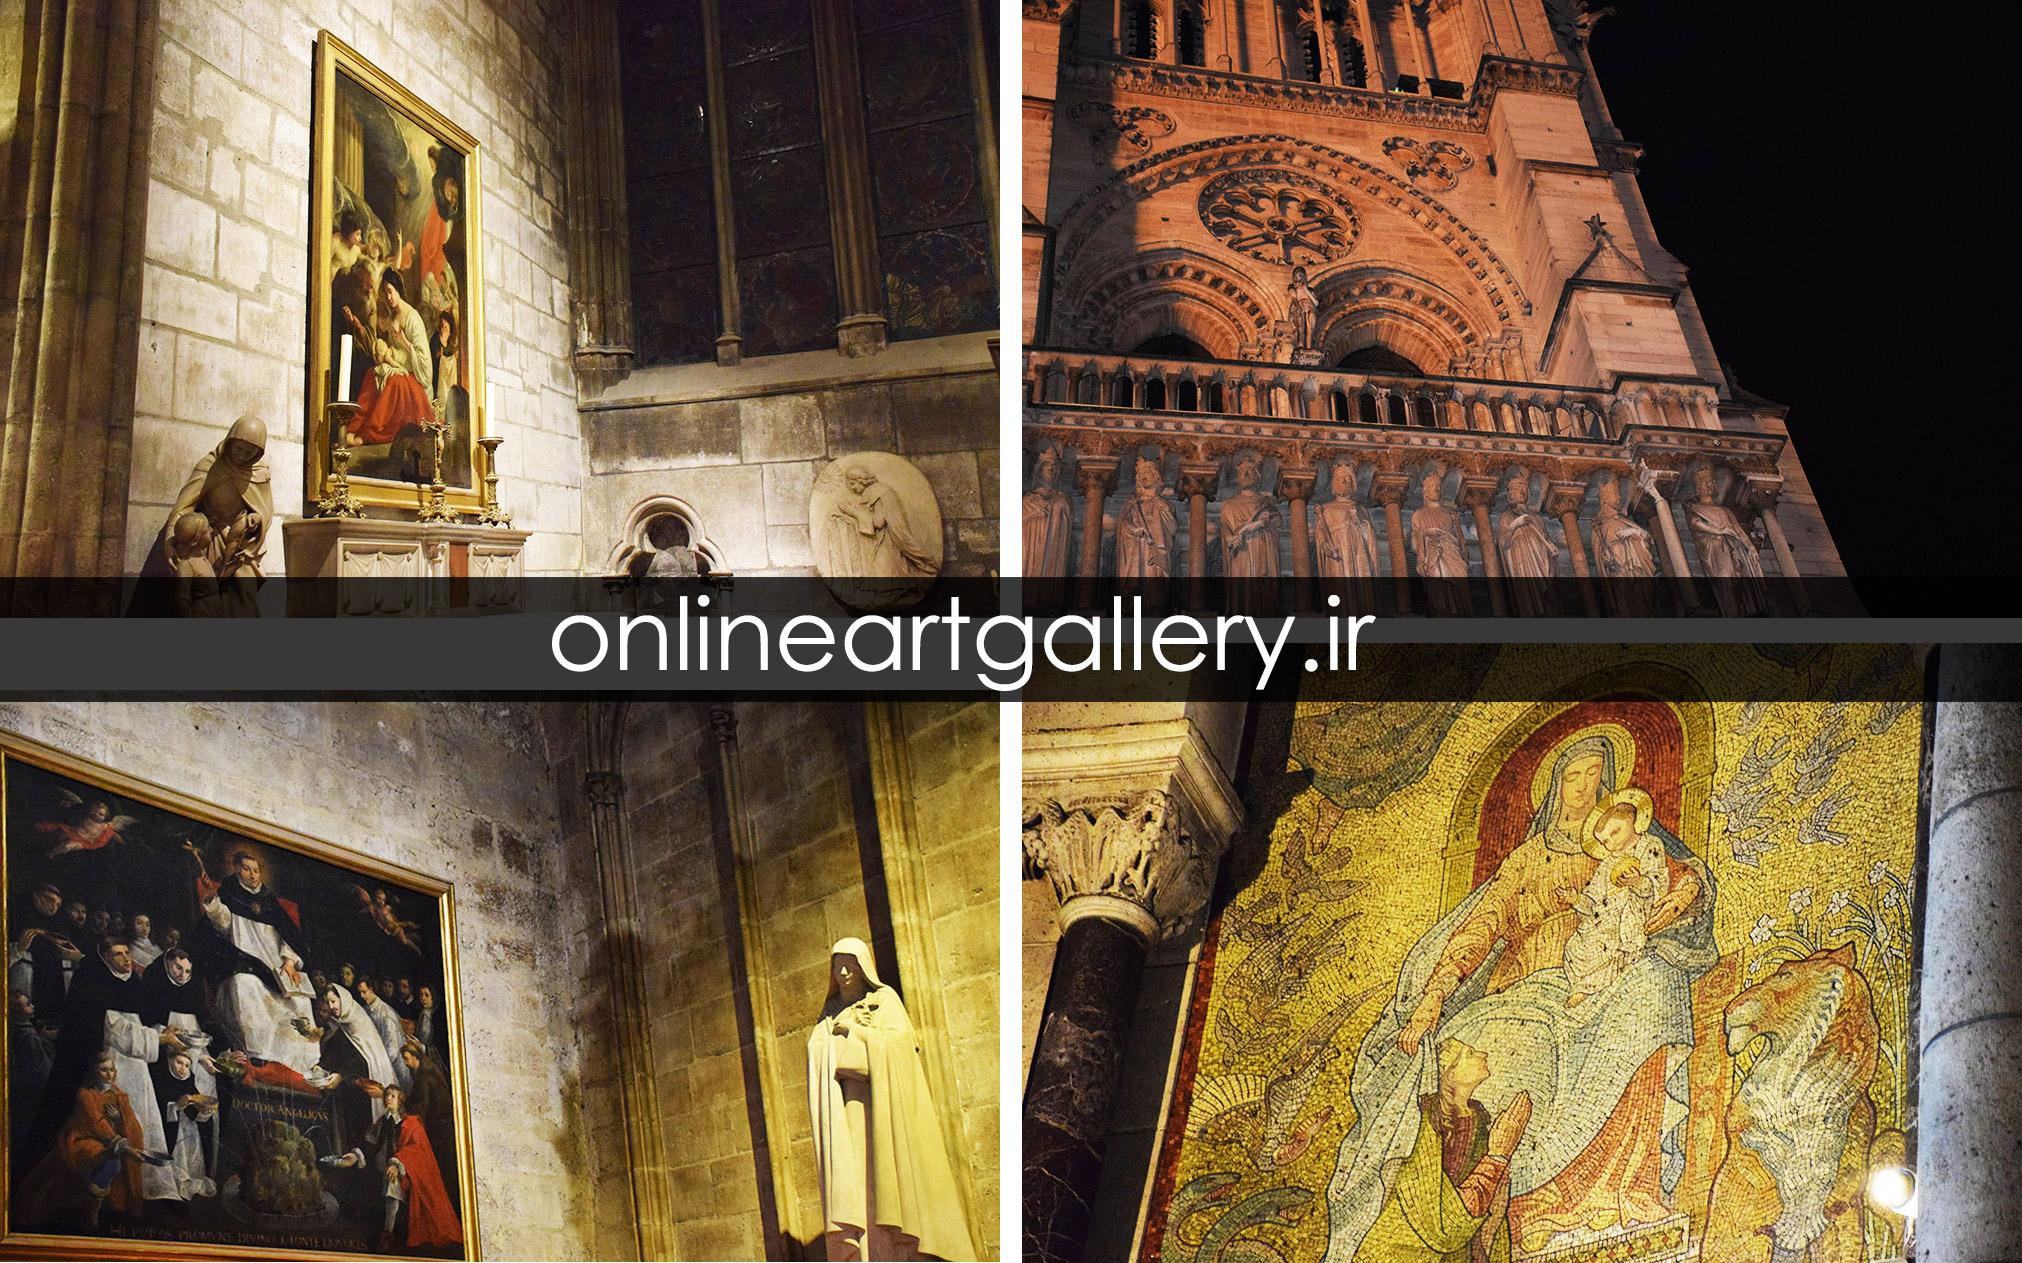 گزارش تصویری از آثار هنری و فضای داخلی کلیسای نوتردام پاریس (بخش دوم)